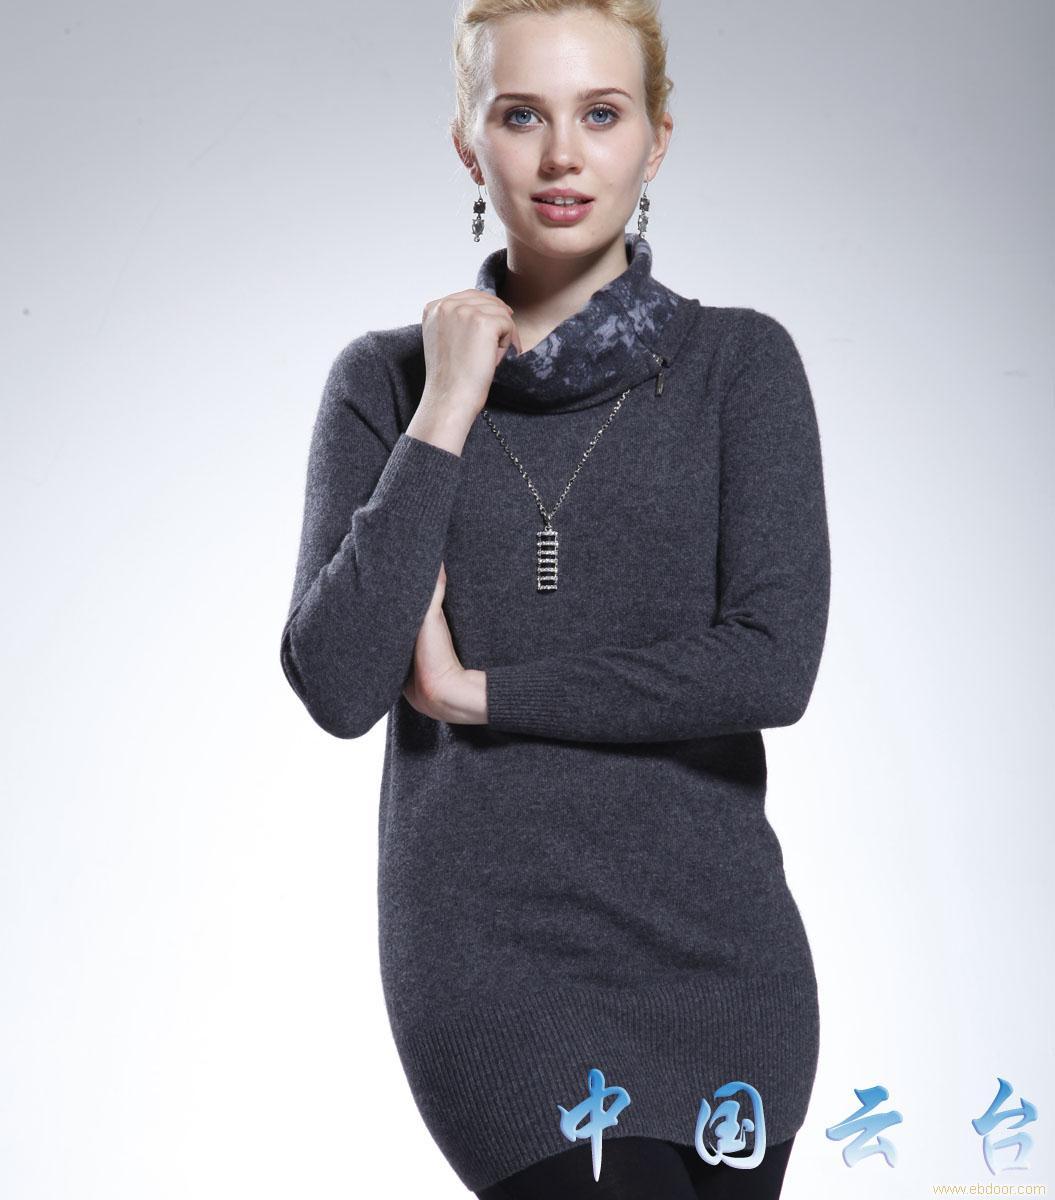 羊绒衫量身定做前景_正品羊绒衫定做-羊绒衫量身定做-1131款女式印花长款羊绒衫_长款 ...